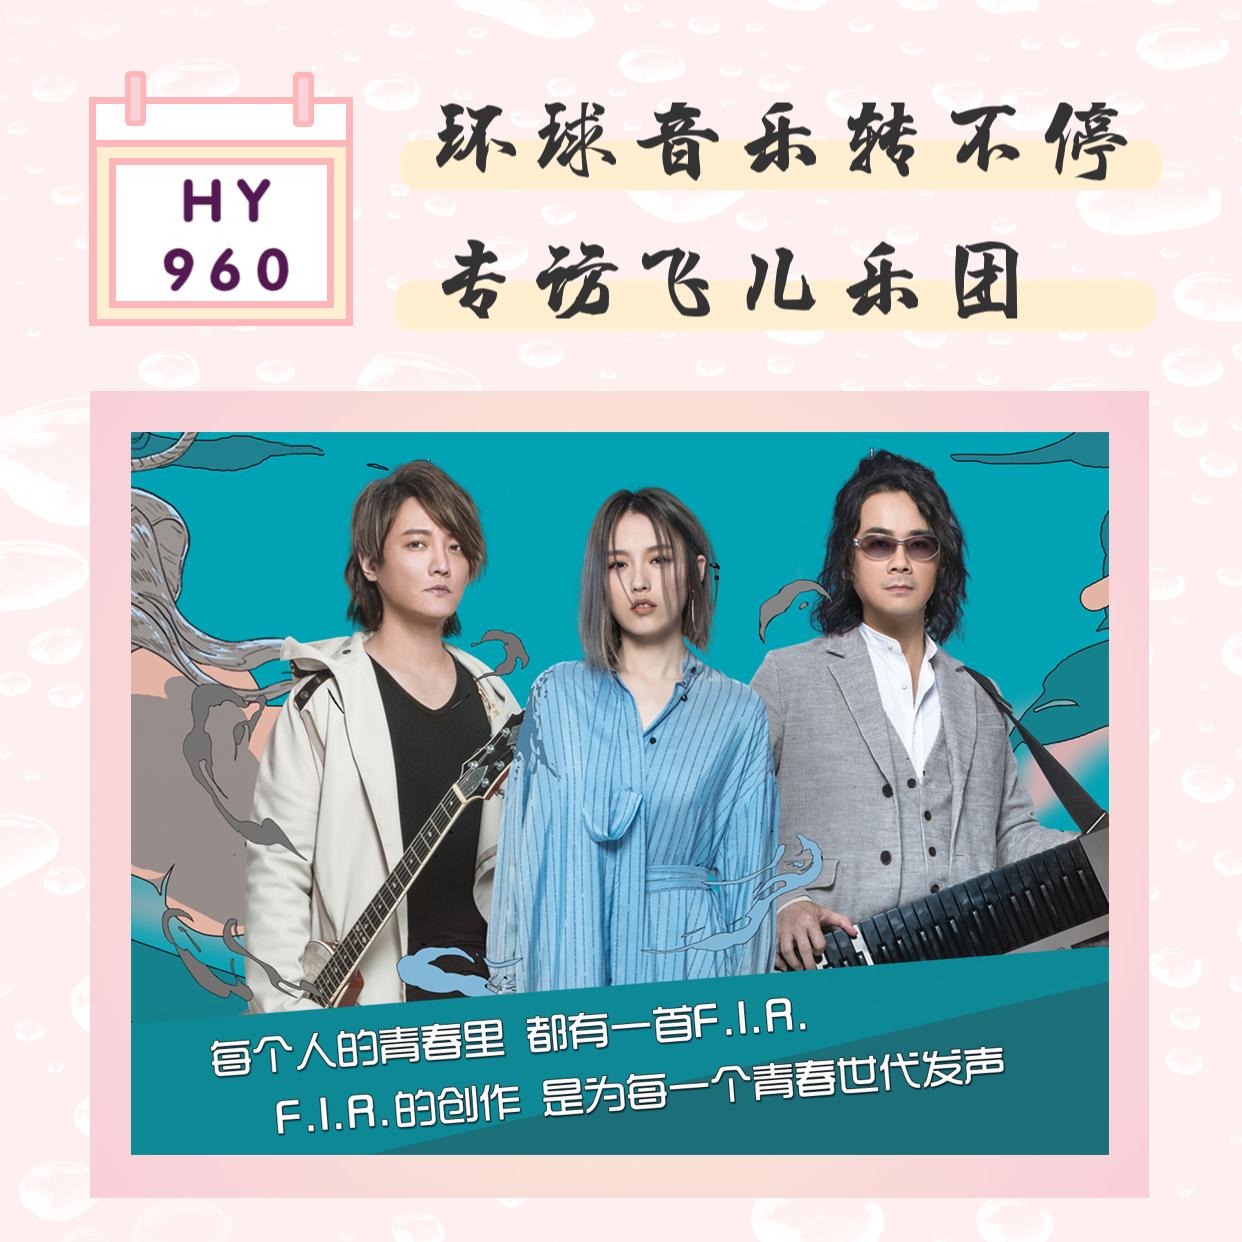 《环球音乐转不停》专访F.I.R.飞儿乐团